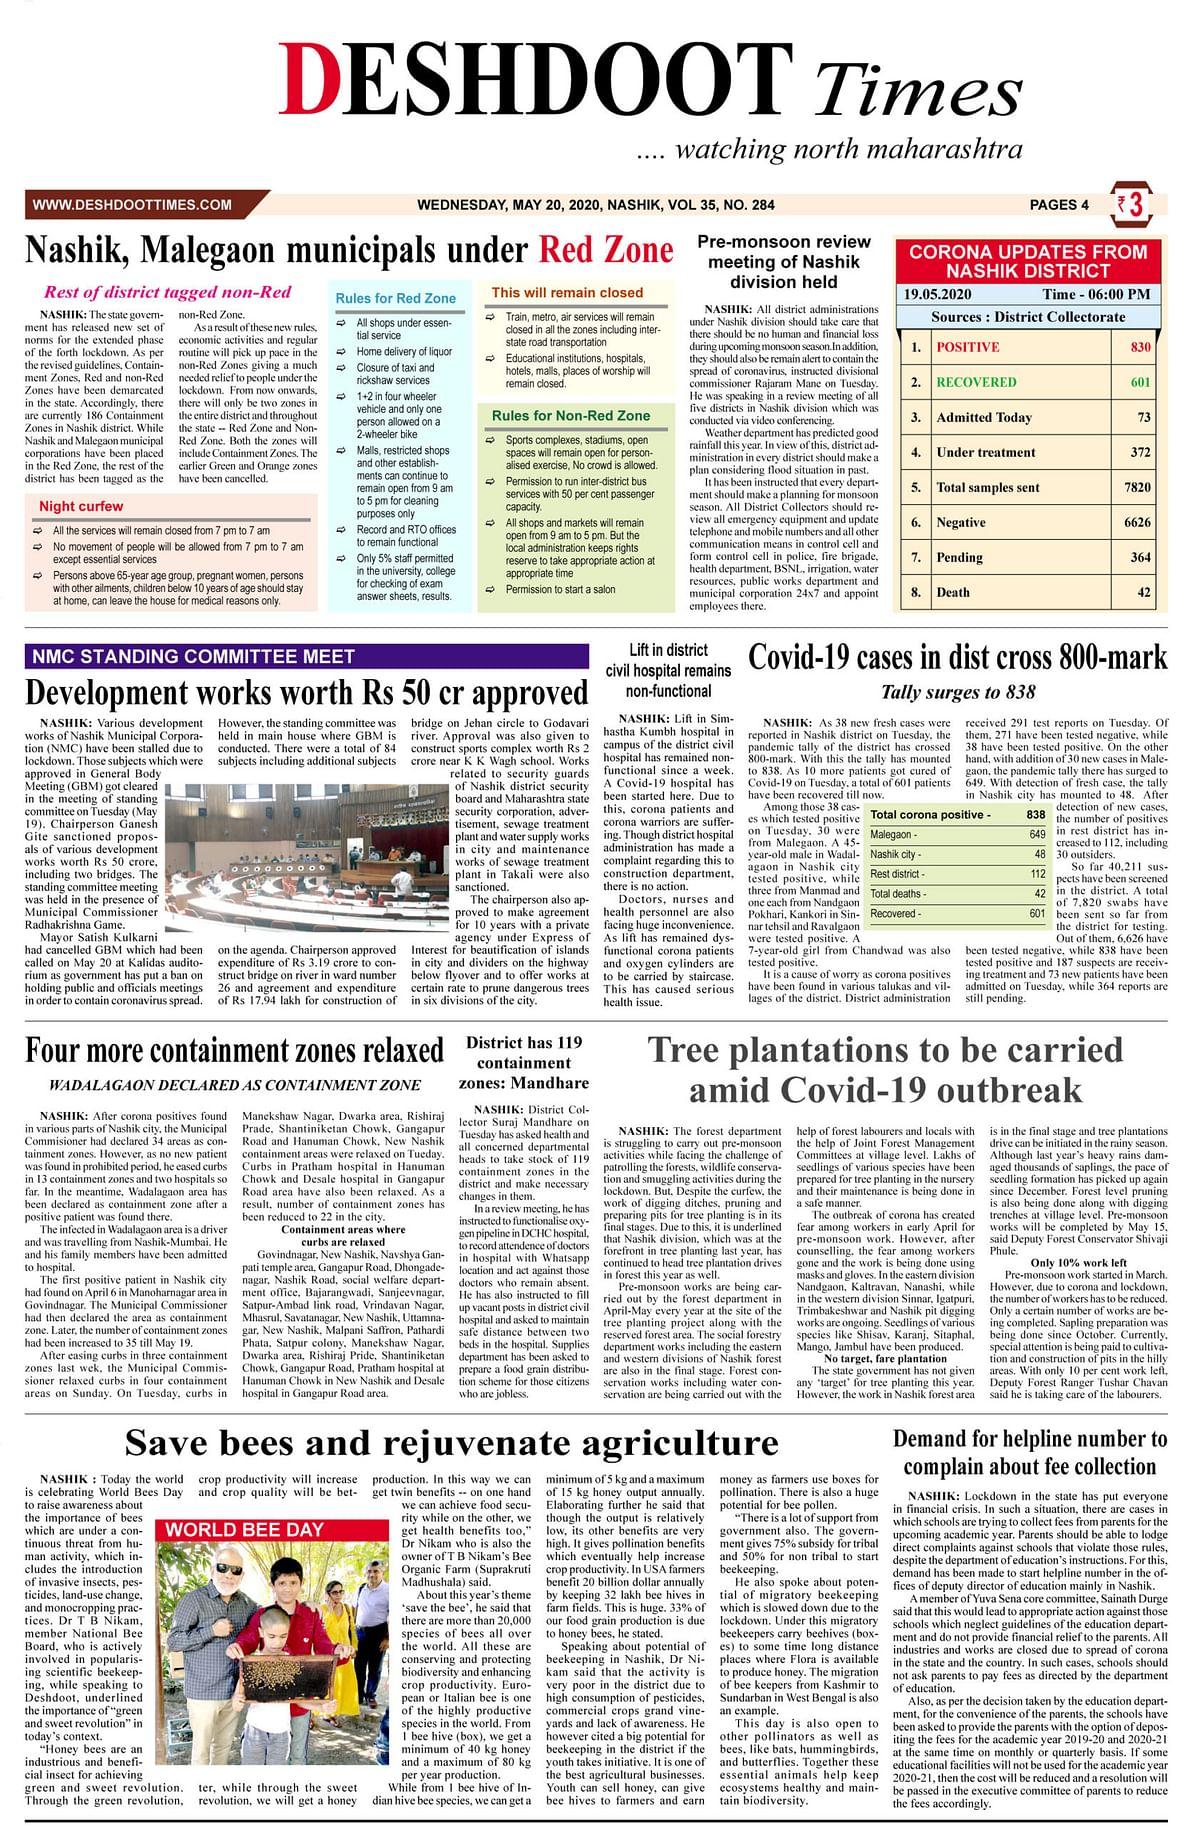 Deshdoot Times E-Paper Dt 20 May 2020